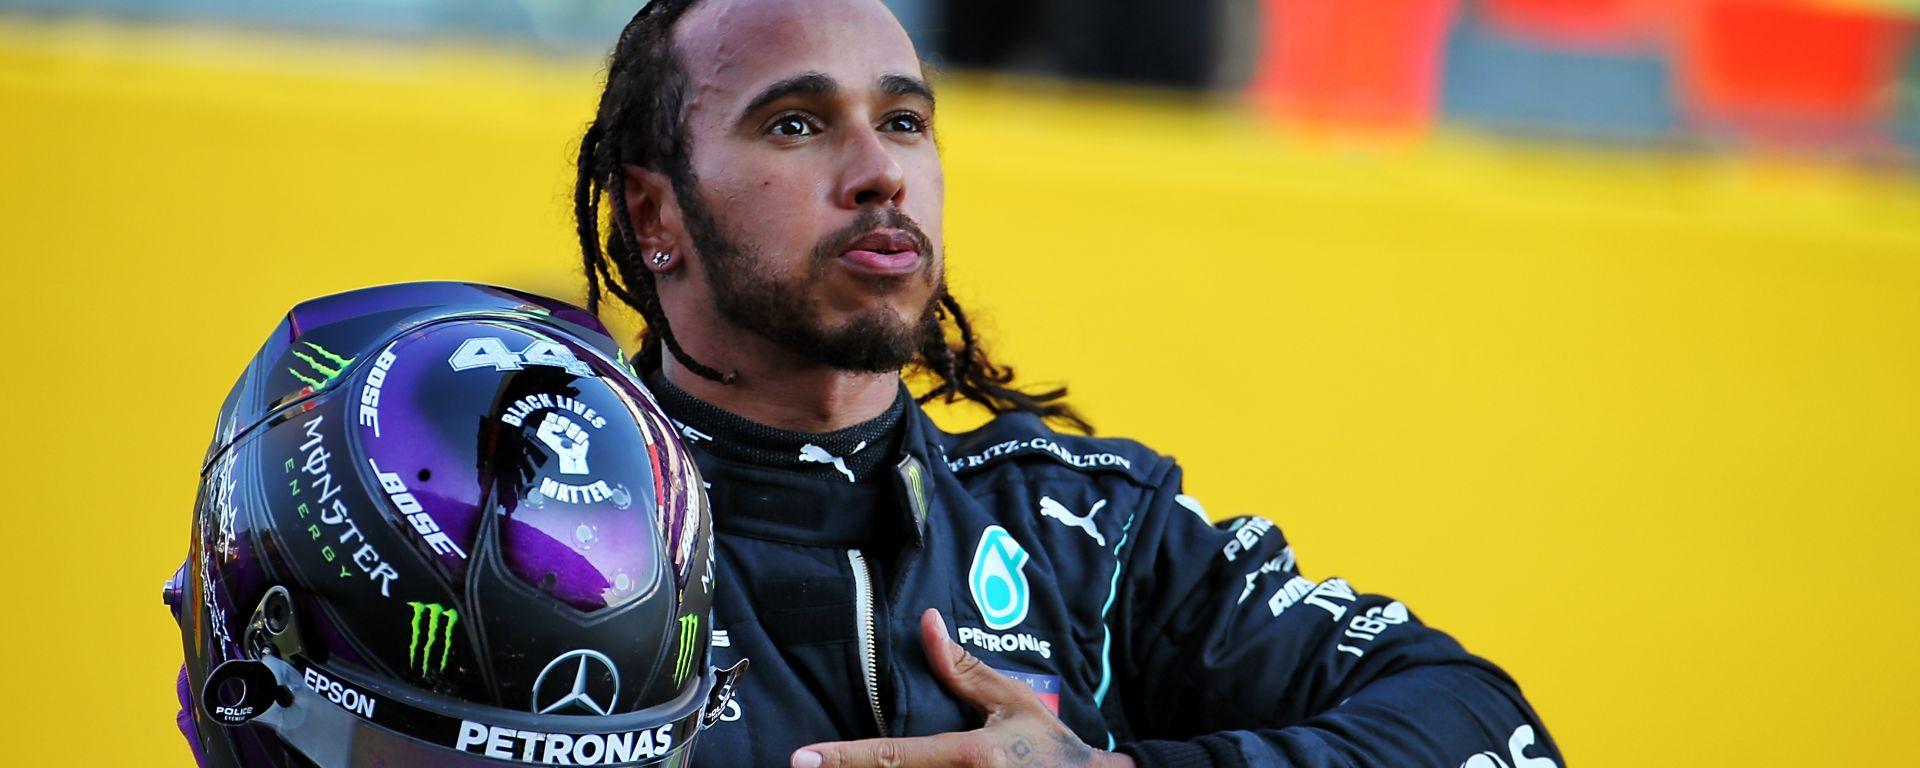 F1, GP Toscana: Lewis Hamilton (Mercedes) festeggia la vittoria